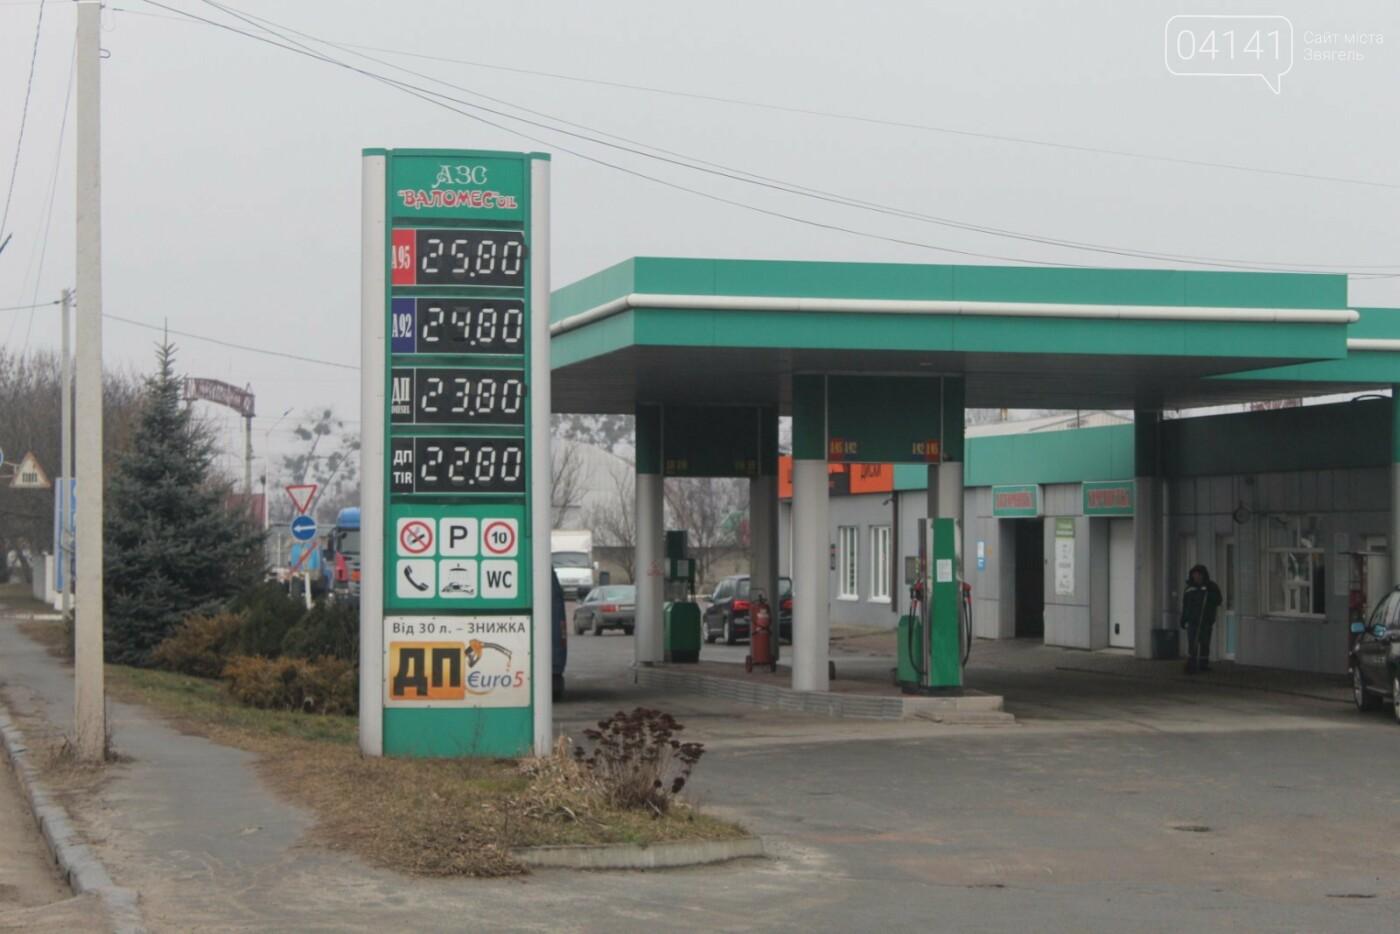 Де в Новограді заправлятися найдешевше?: Огляд актуальниx цін на паливо (ФОТО), фото-1